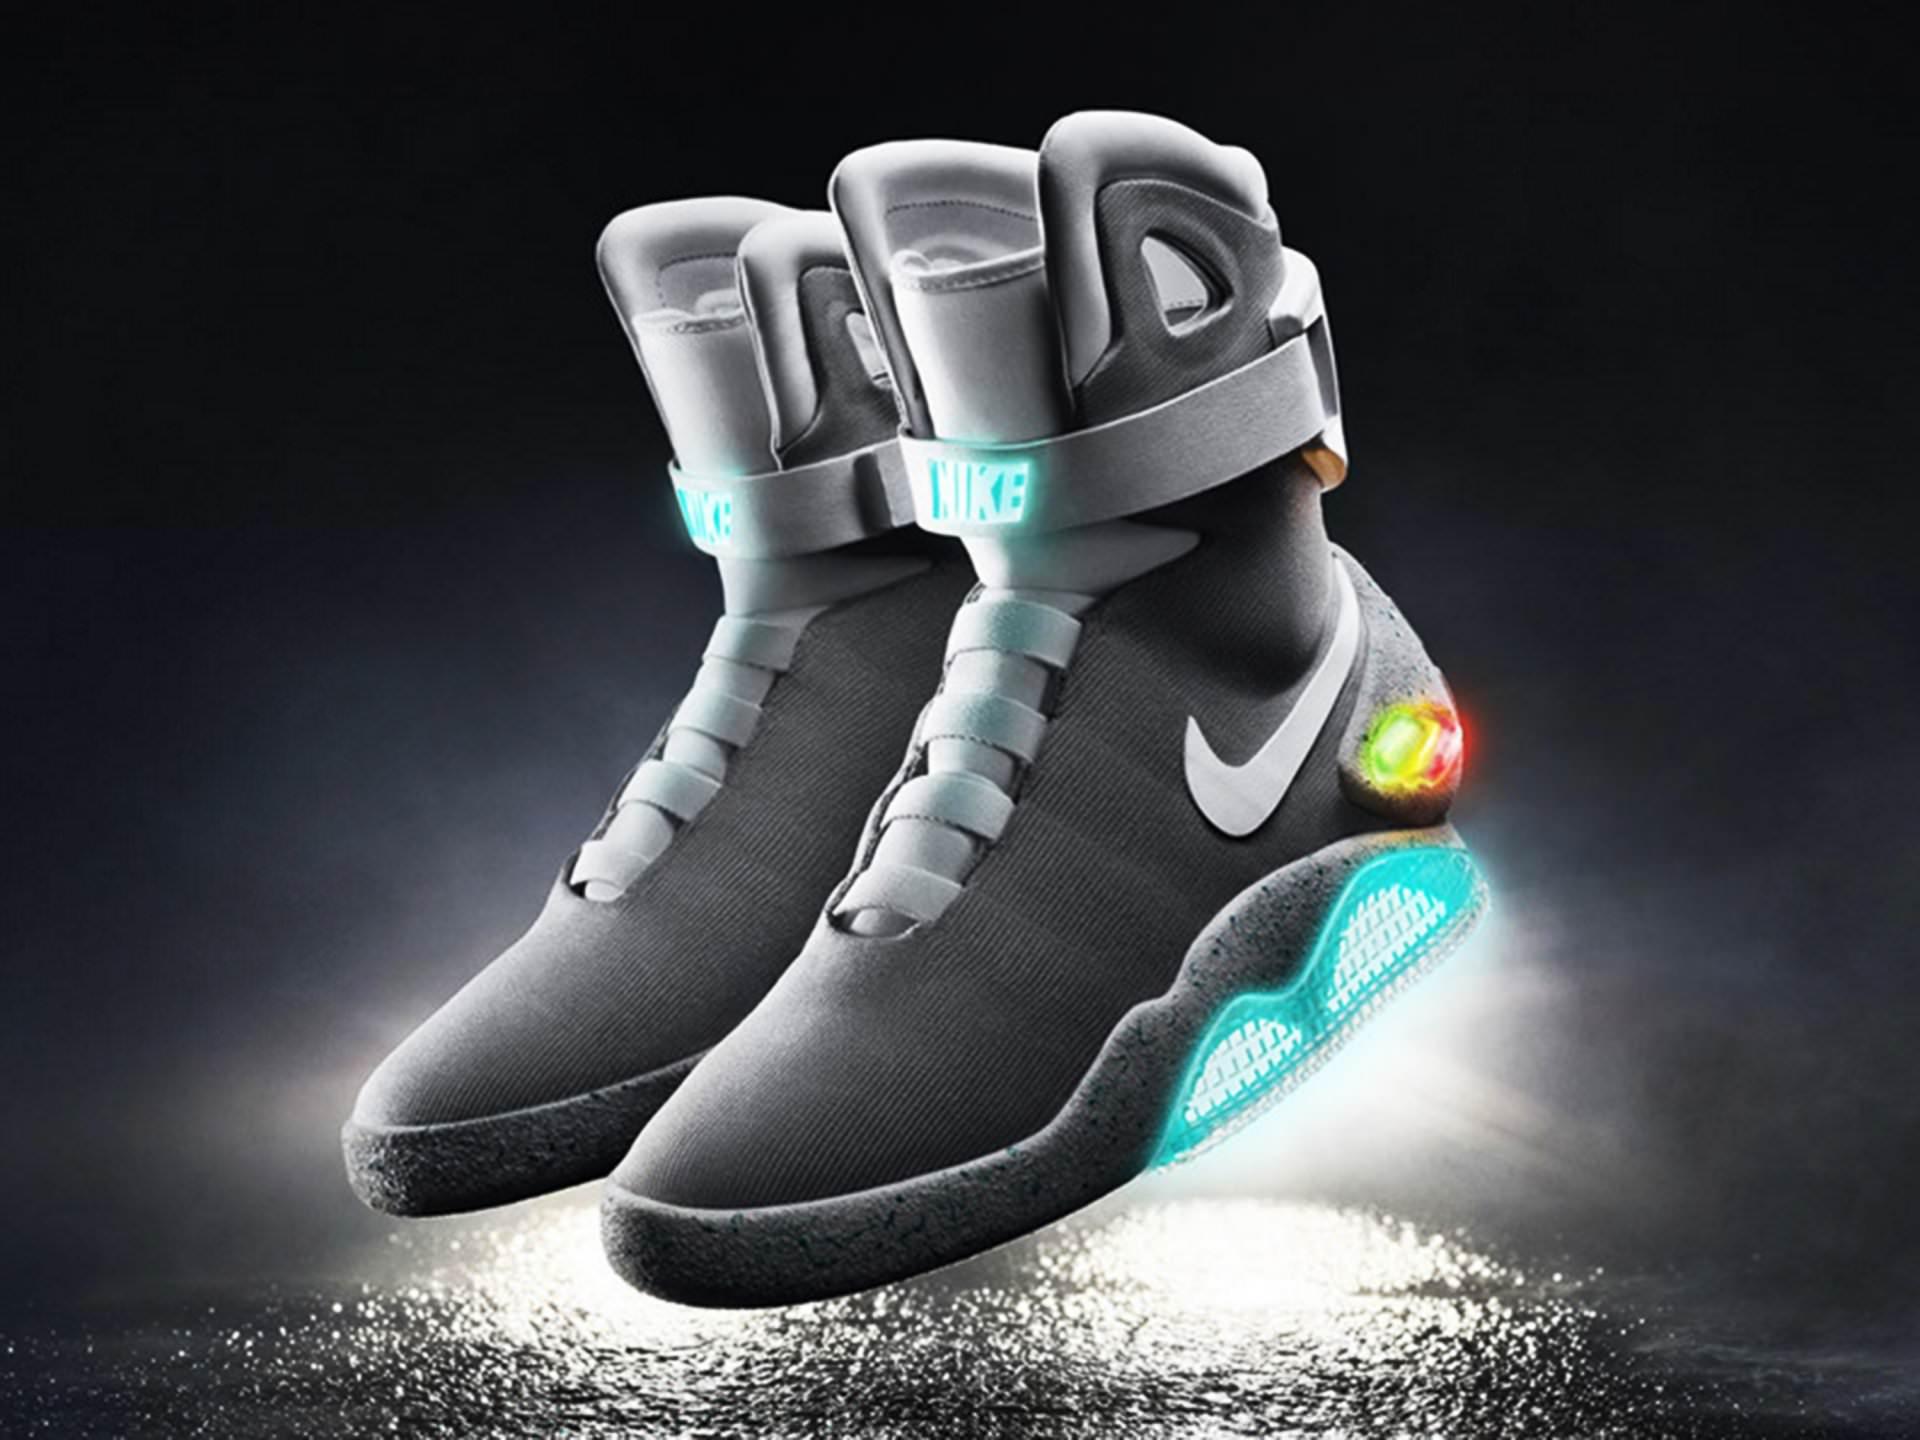 cfadee060cf Materiais do futuro para calçados do presente